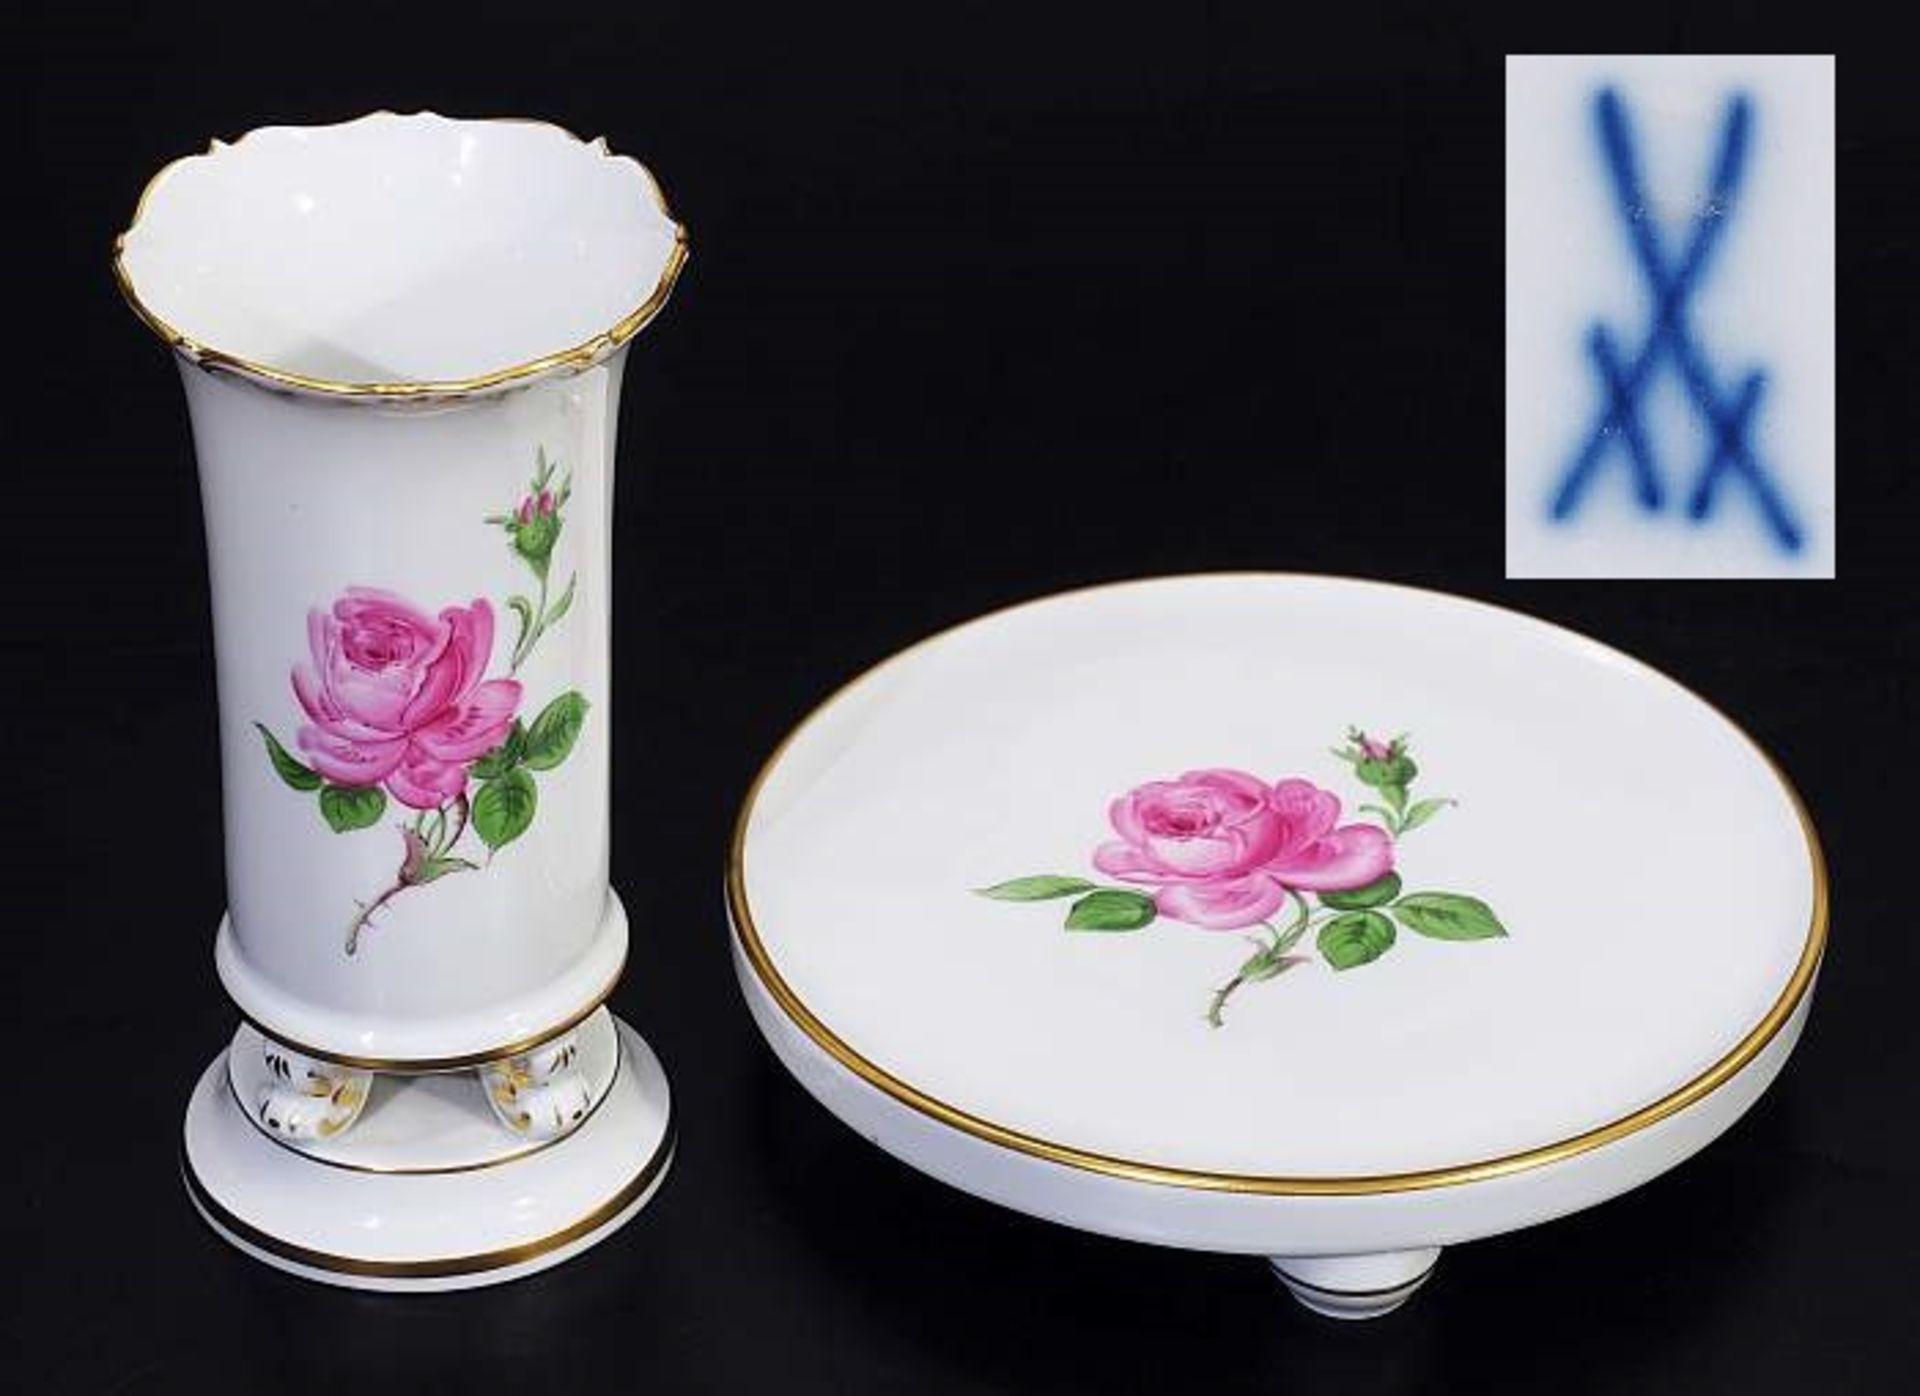 Los 20 - Biedermeier-Vase. Untersetzer auf vier Kugelfüssen. 1) Biedermeier-Vase. MEISSEN 1957 - 1972. Modell